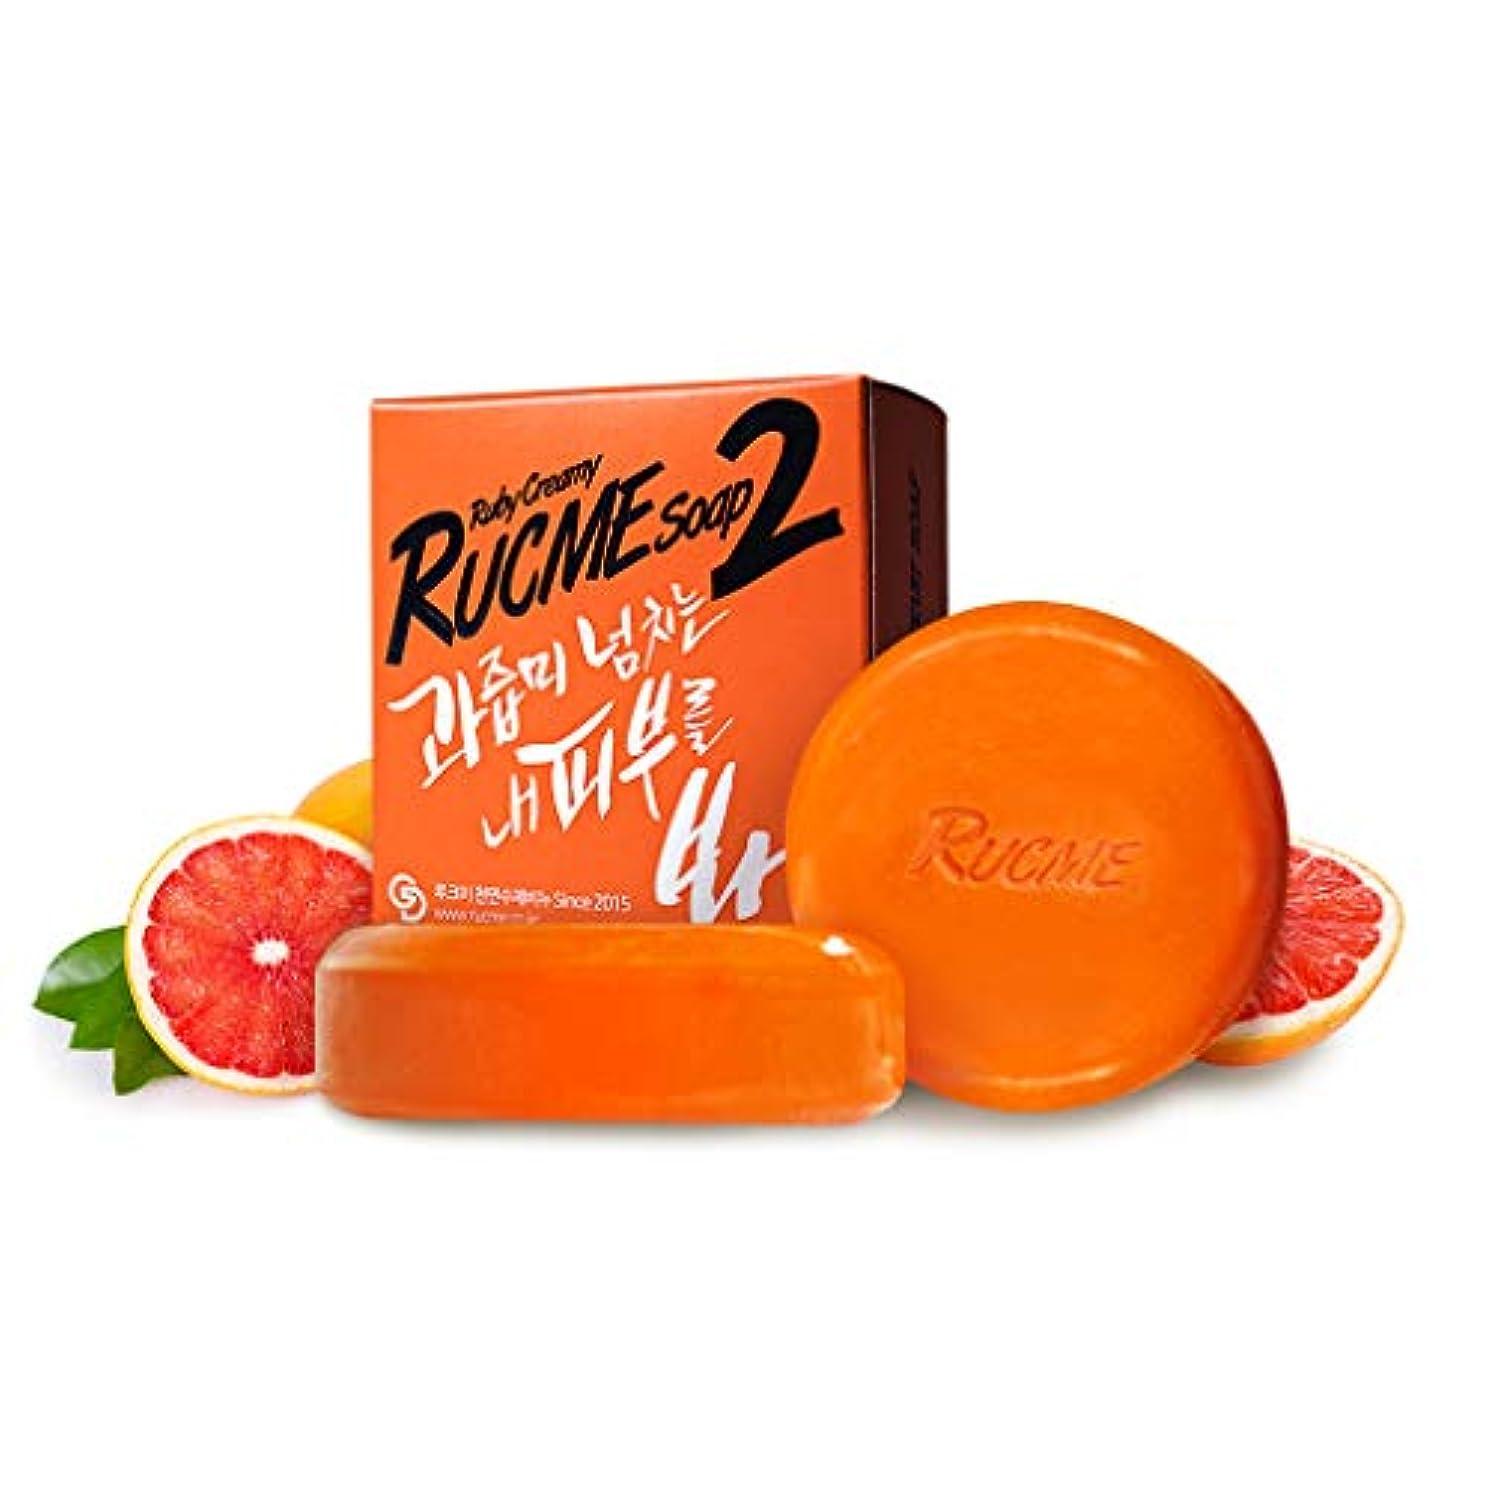 旋回悪意施設[RUCME] グレープフルーツ&パプリカ 洗顔石鹸/ルビークリーミーソープ 2